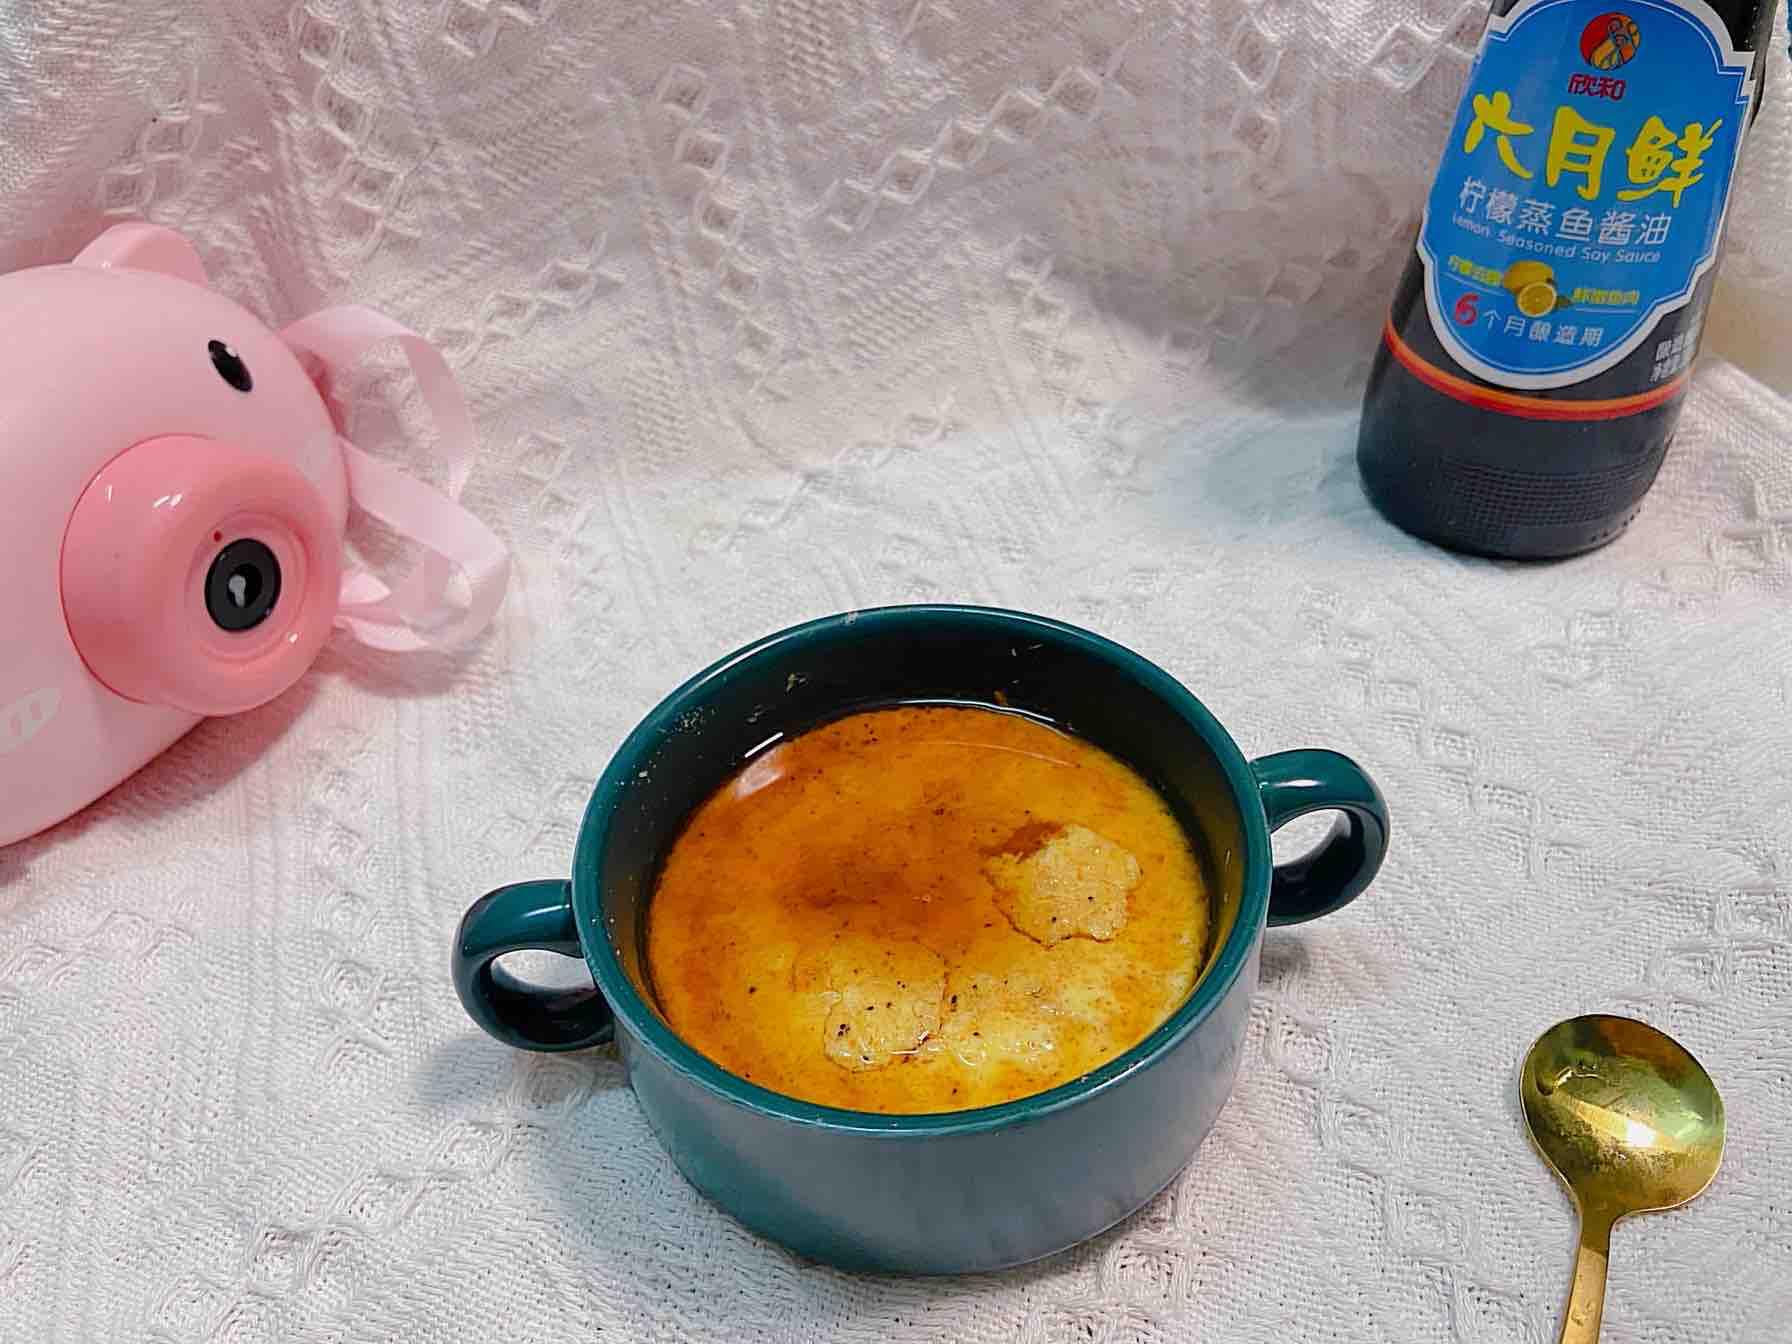 补钙长高食选推荐——虾皮蒸蛋成品图